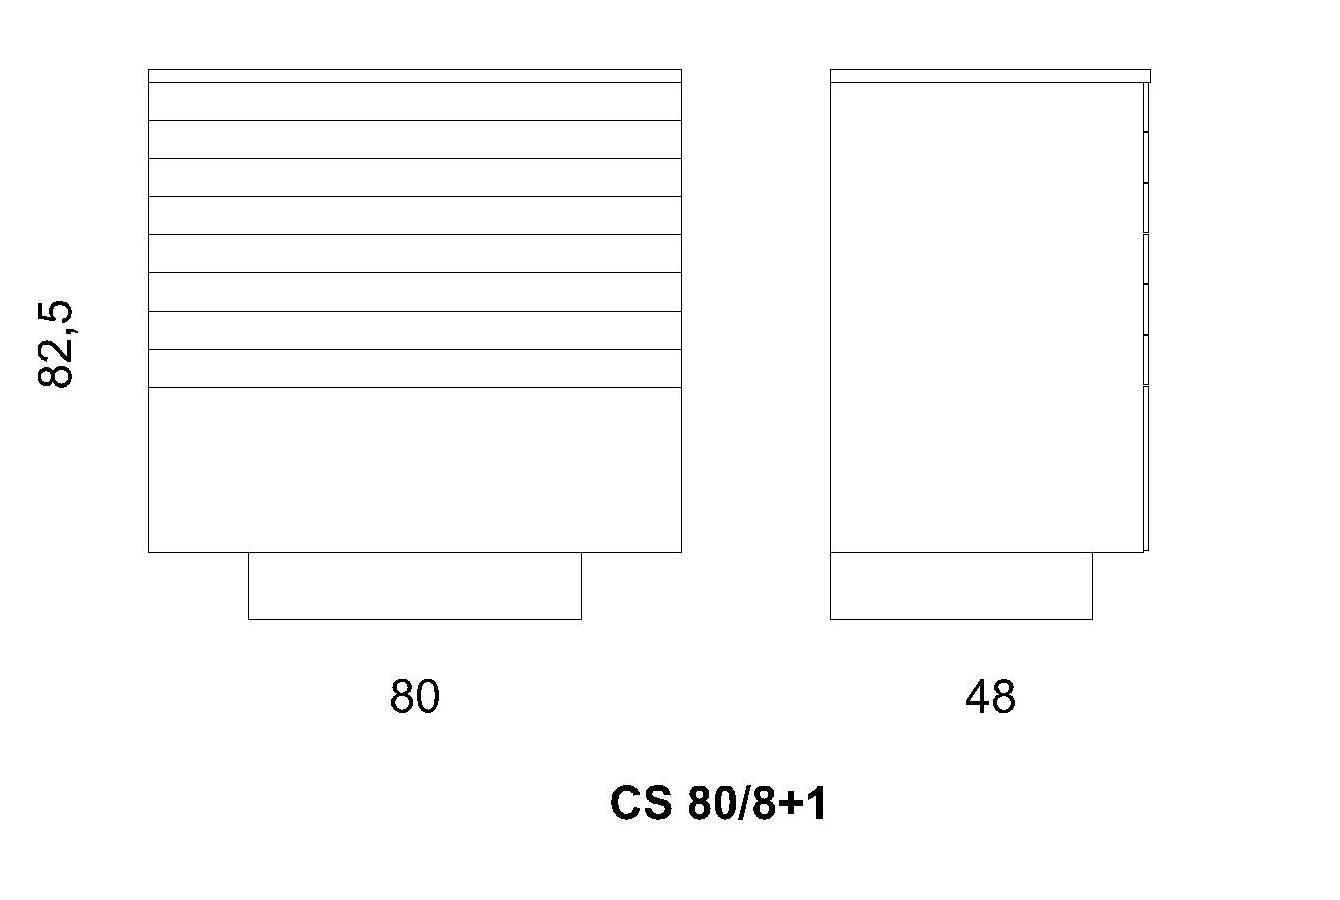 Cassettiera CS 80/8+1